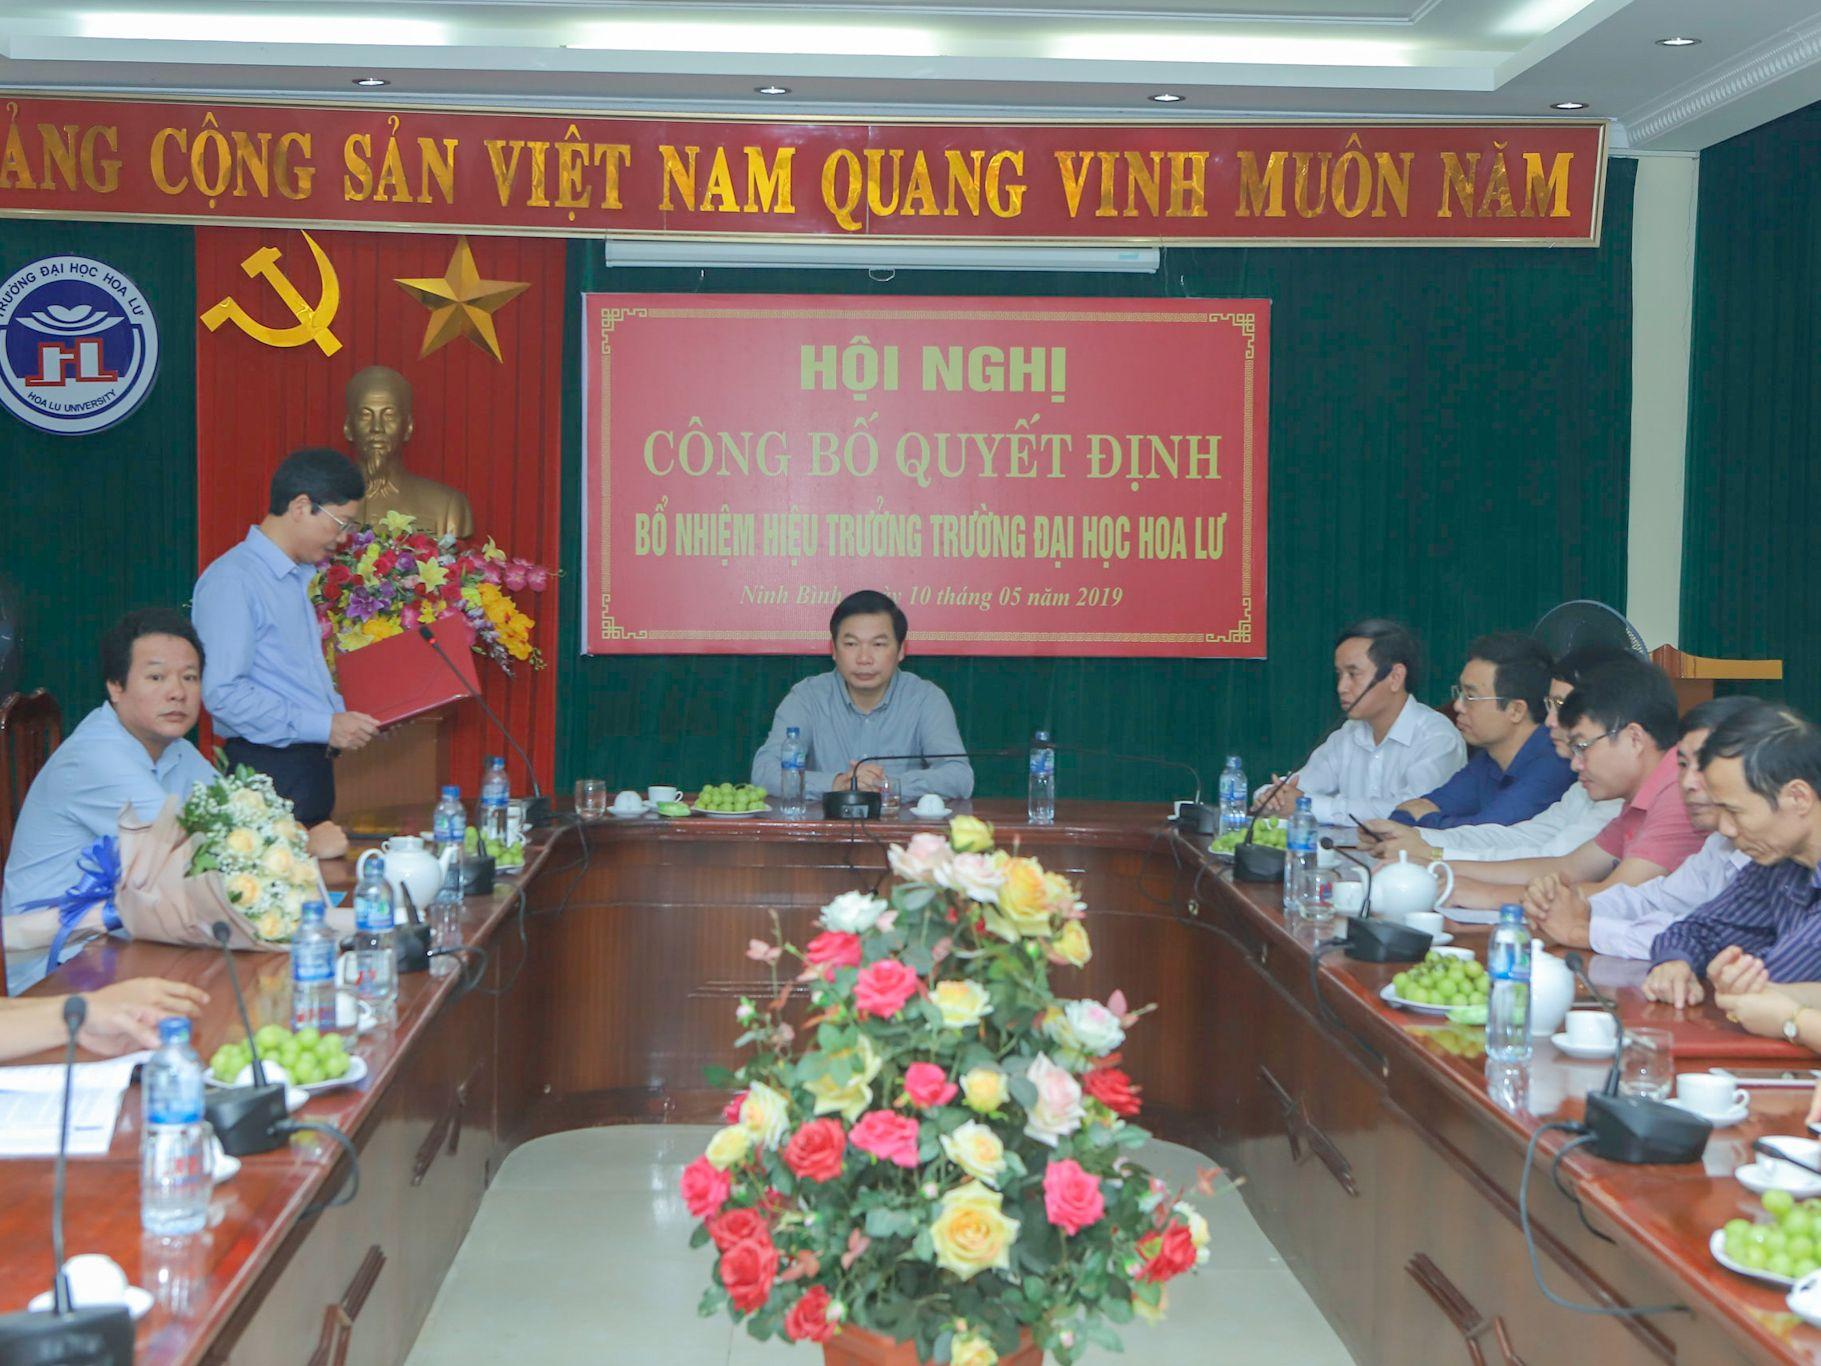 Hội nghị công bố và trao Quyết định bổ nhiệm Hiệu trưởng Trường Đại học Hoa Lư